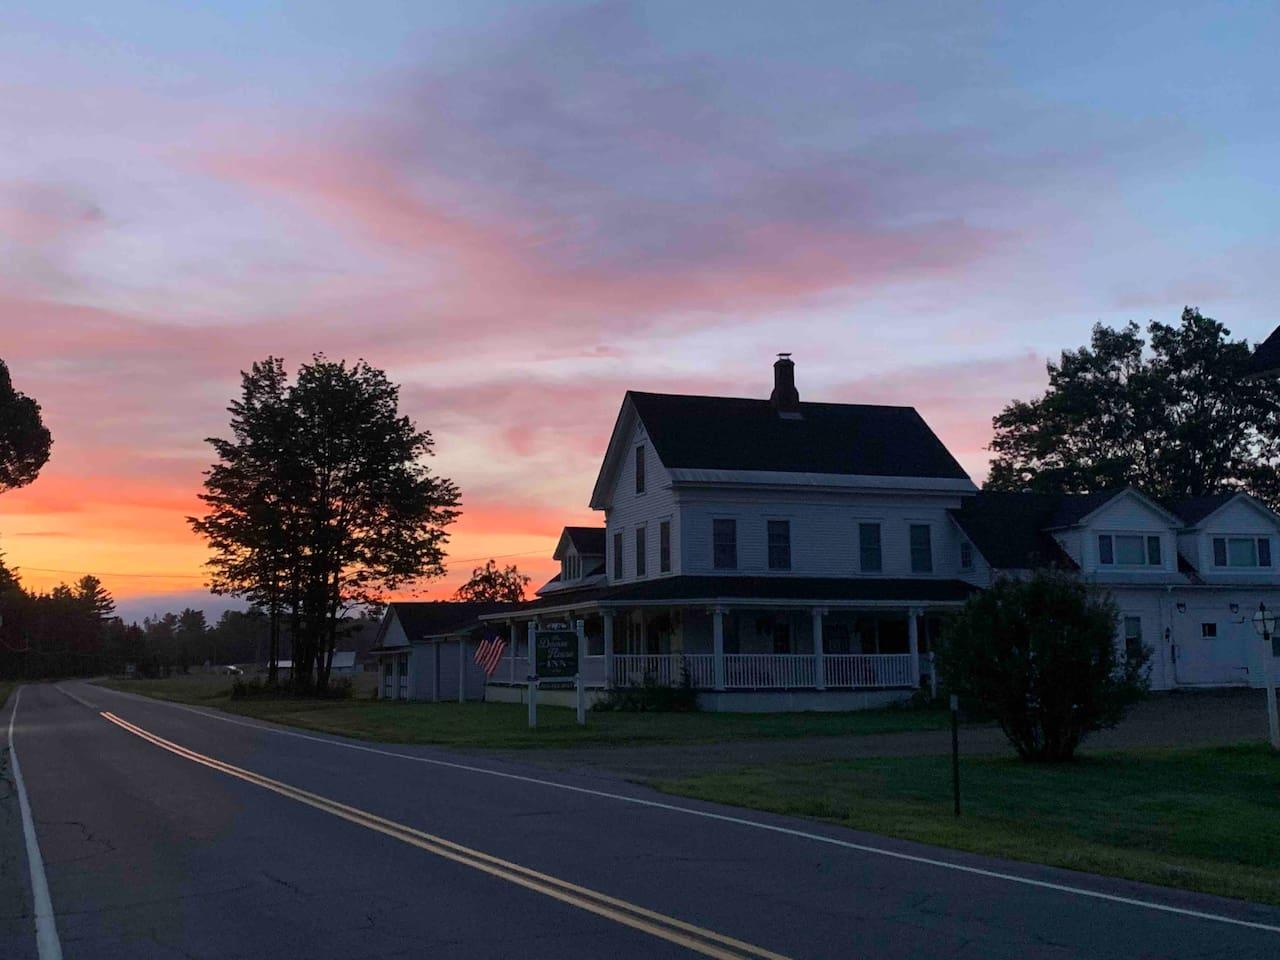 Good morning from the Damm House Inn